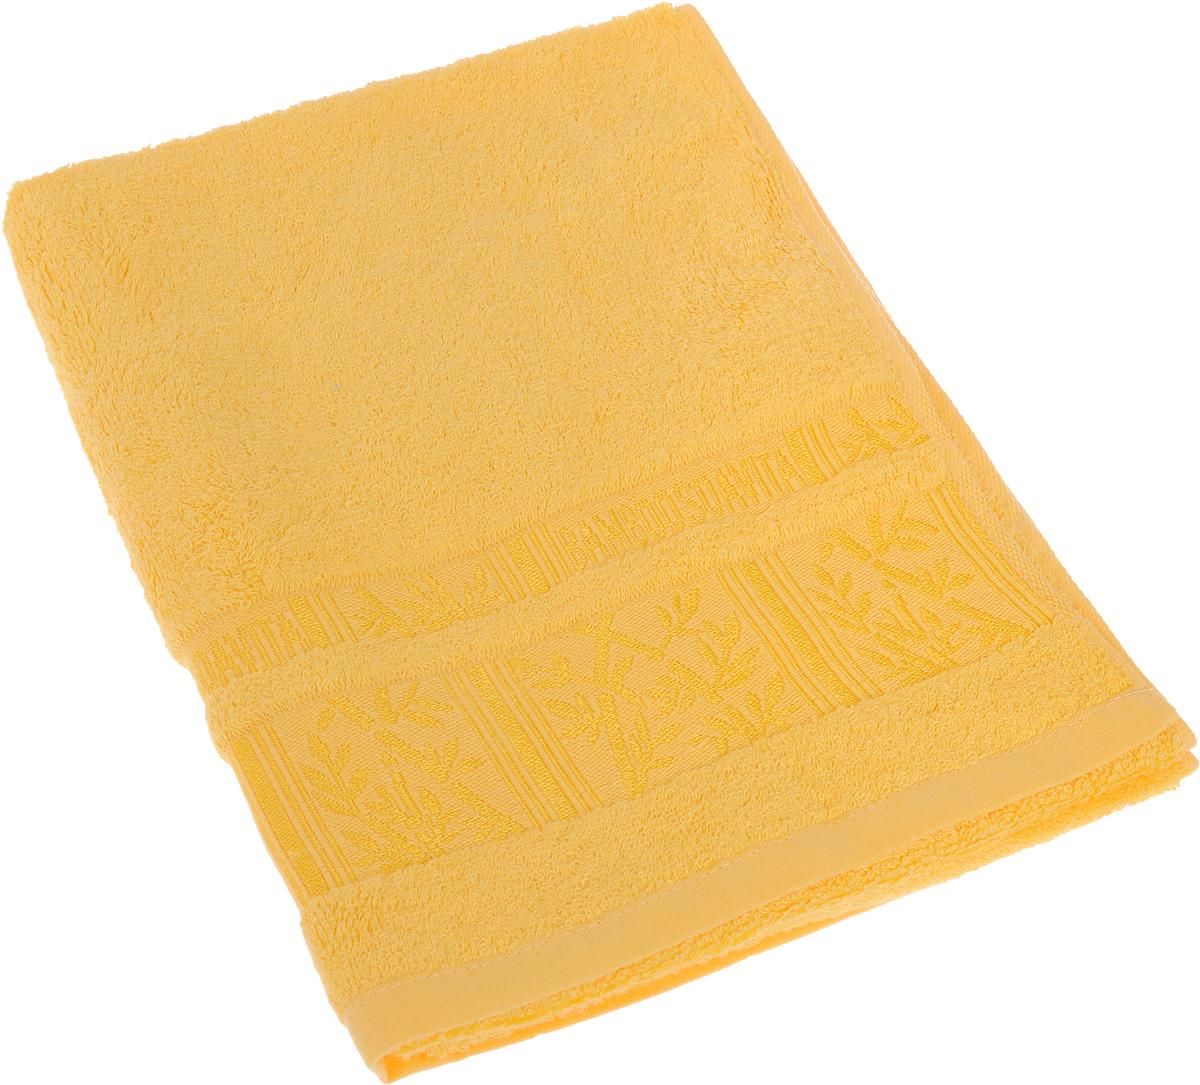 Полотенце Soavita Sofia, цвет: желтый, 50 х 90 см74-0120Полотенце Soavita Sofia выполнено из 100% бамбукового волокна. Изделие отлично впитывает влагу, быстро сохнет, сохраняет яркость цвета и не теряет форму даже после многократных стирок. Полотенце очень практично и неприхотливо в уходе. Оно создаст прекрасное настроение и украсит интерьер в ванной комнате.